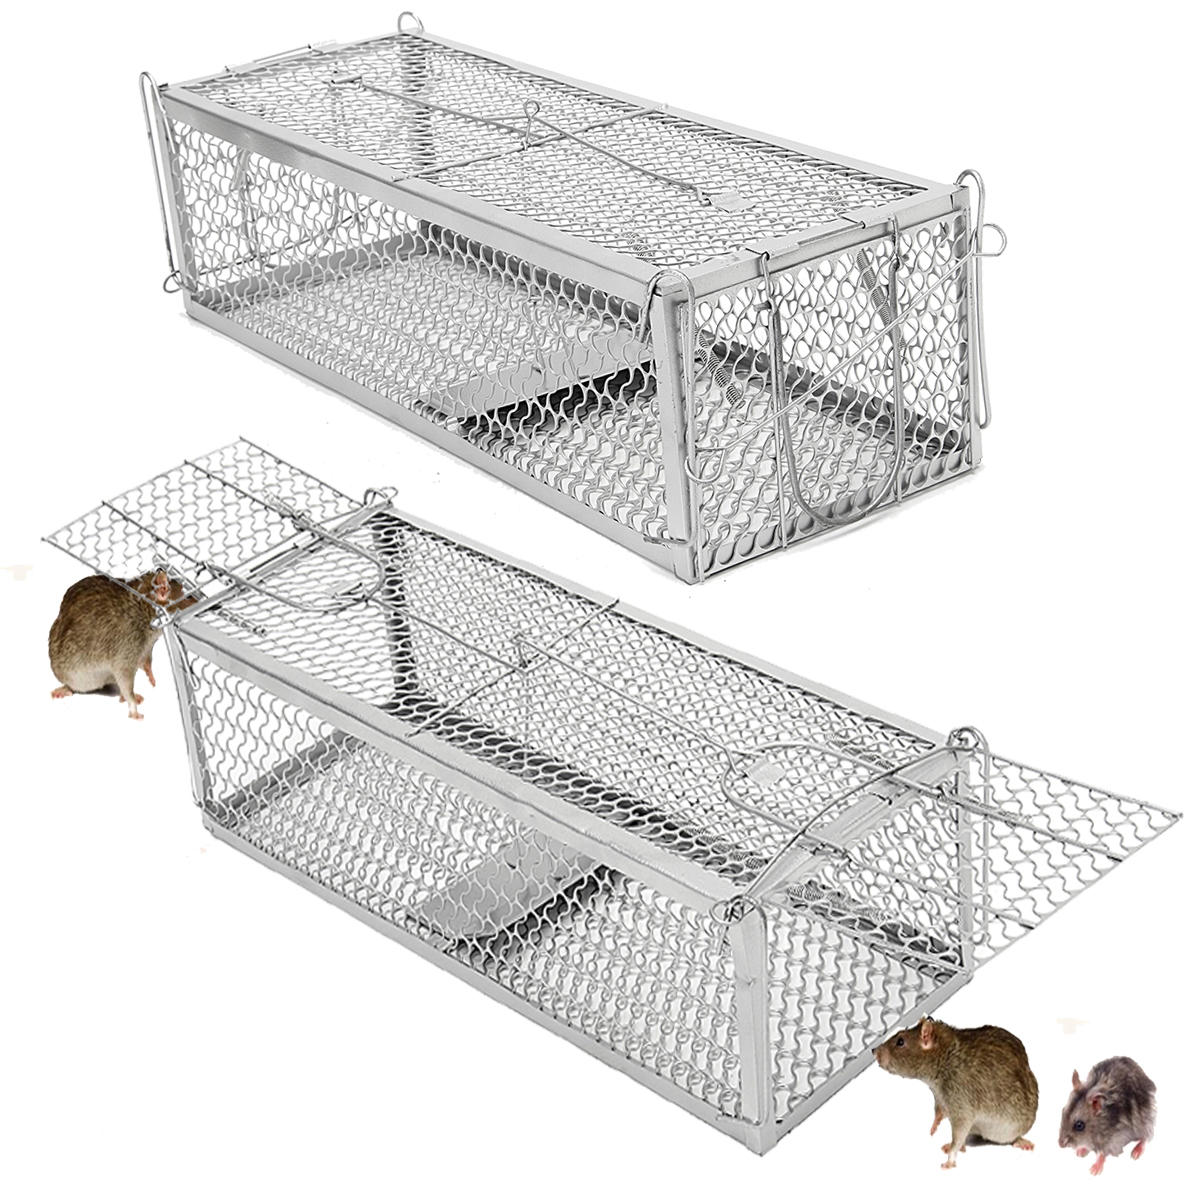 صورة كيفية طرد الفئران من المنزل , اقوى وسيلة لطرد الفئران